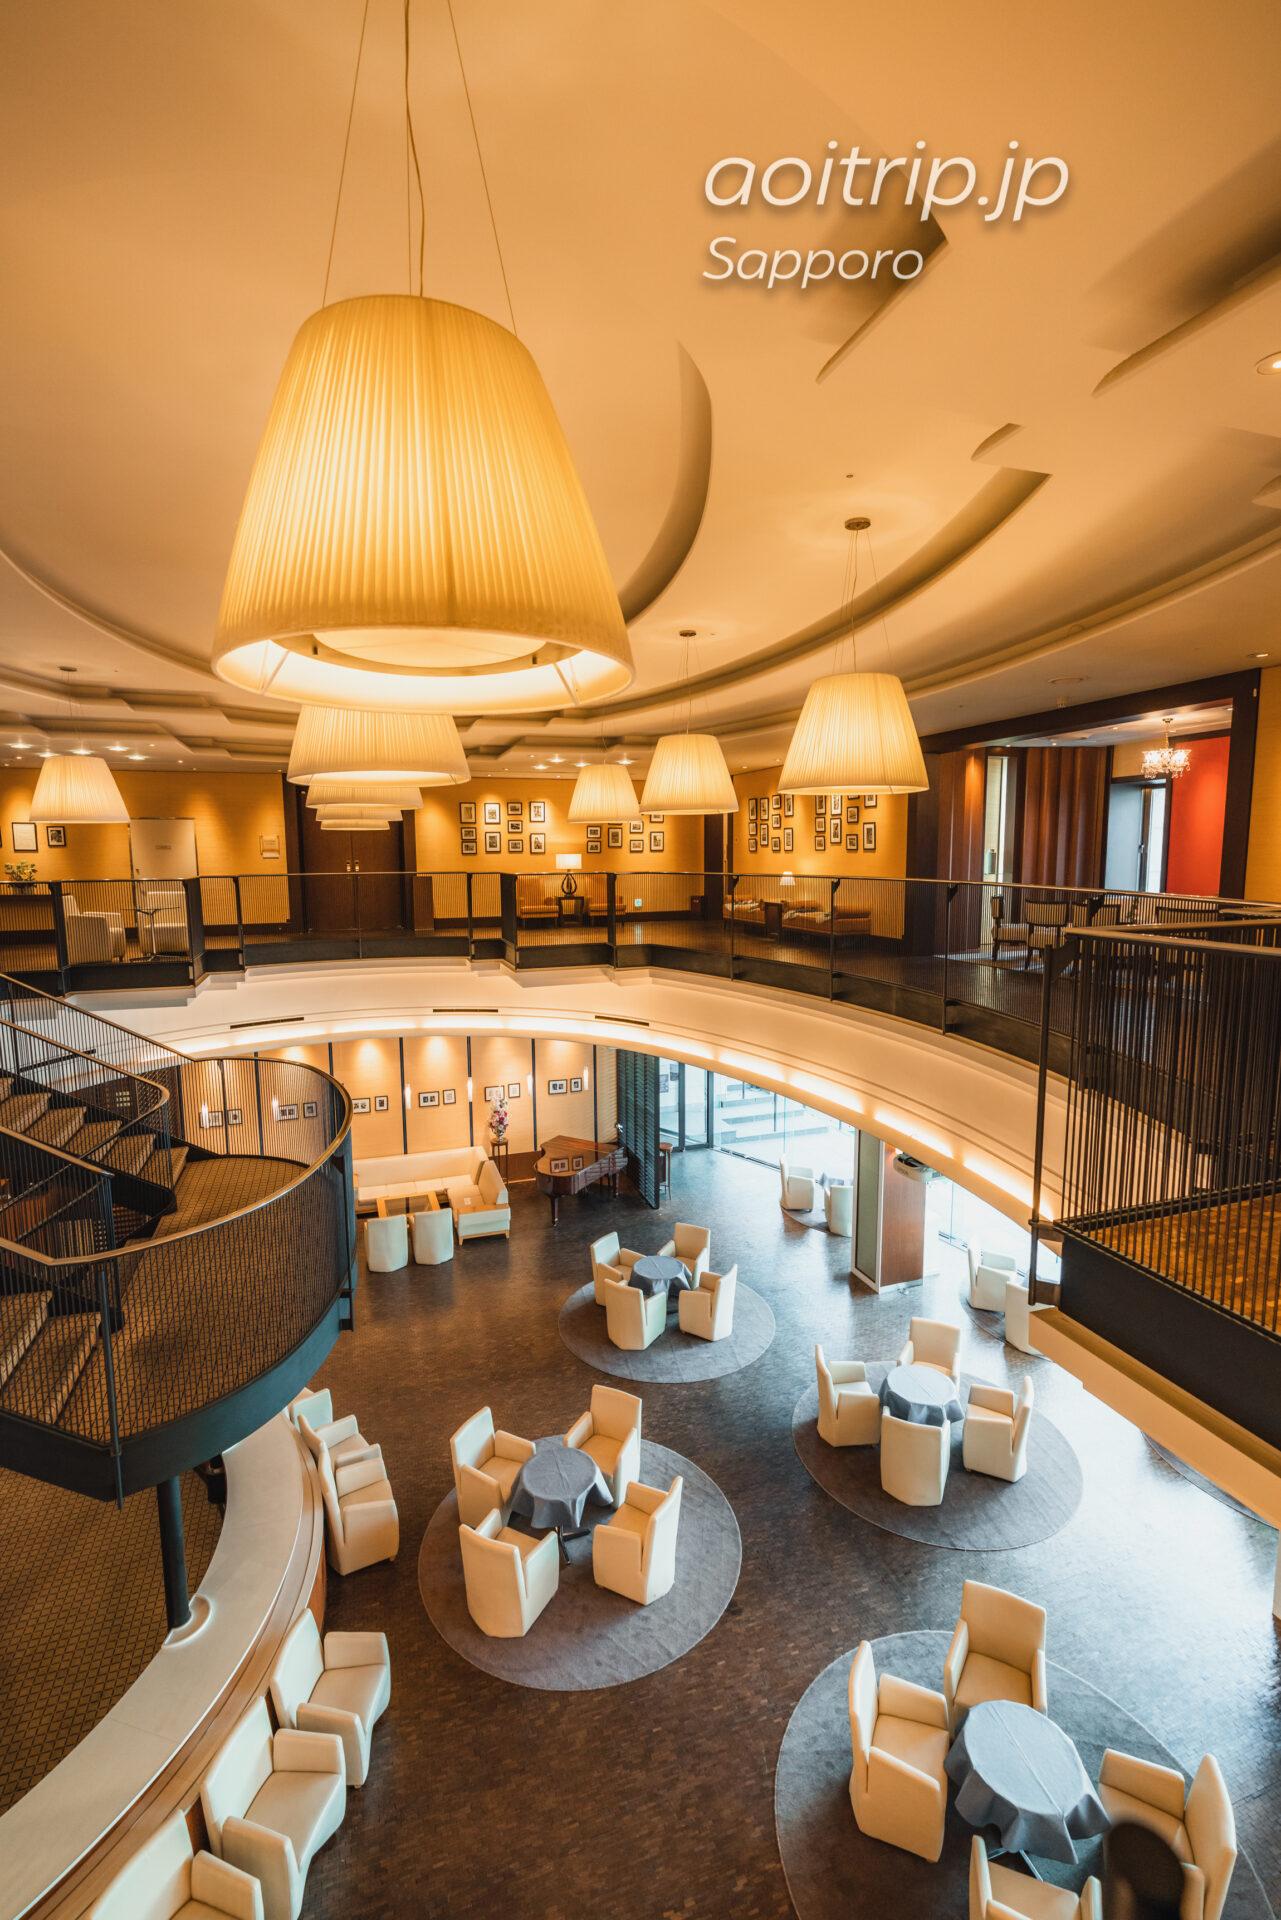 プレミアホテル札幌中島公園 1Fのラウンジ「カフェ・セゾン」吹き抜け